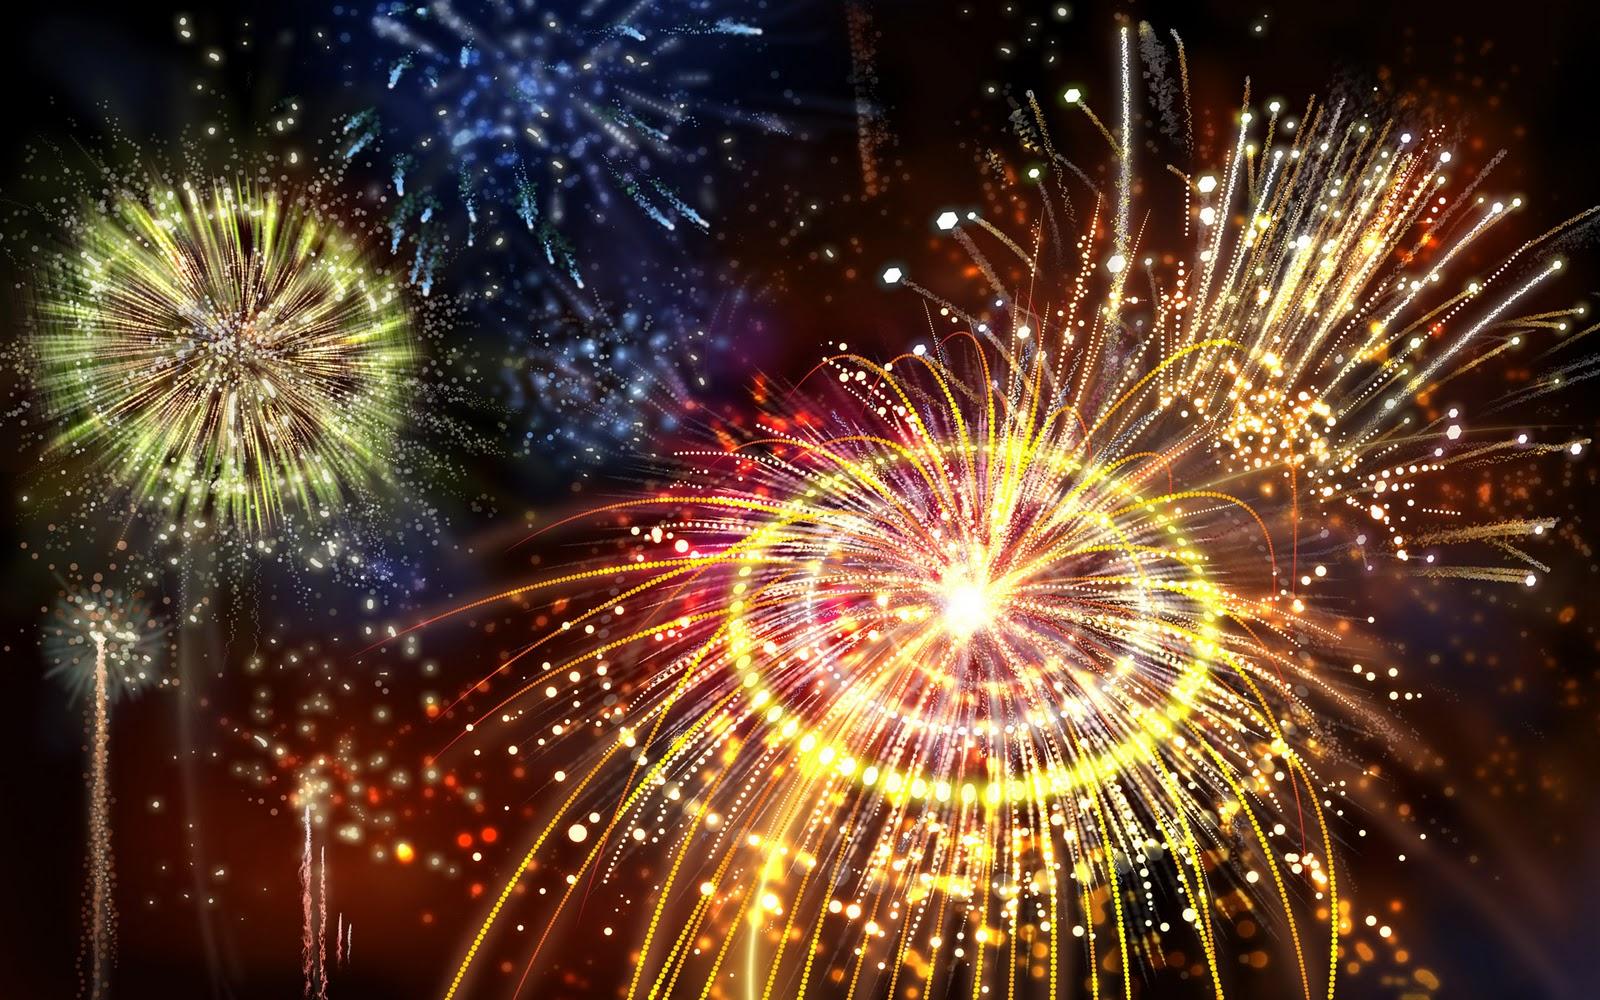 Best Desktop HD Wallpaper: Firework Wallpapers Fireworks Background Wallpaper